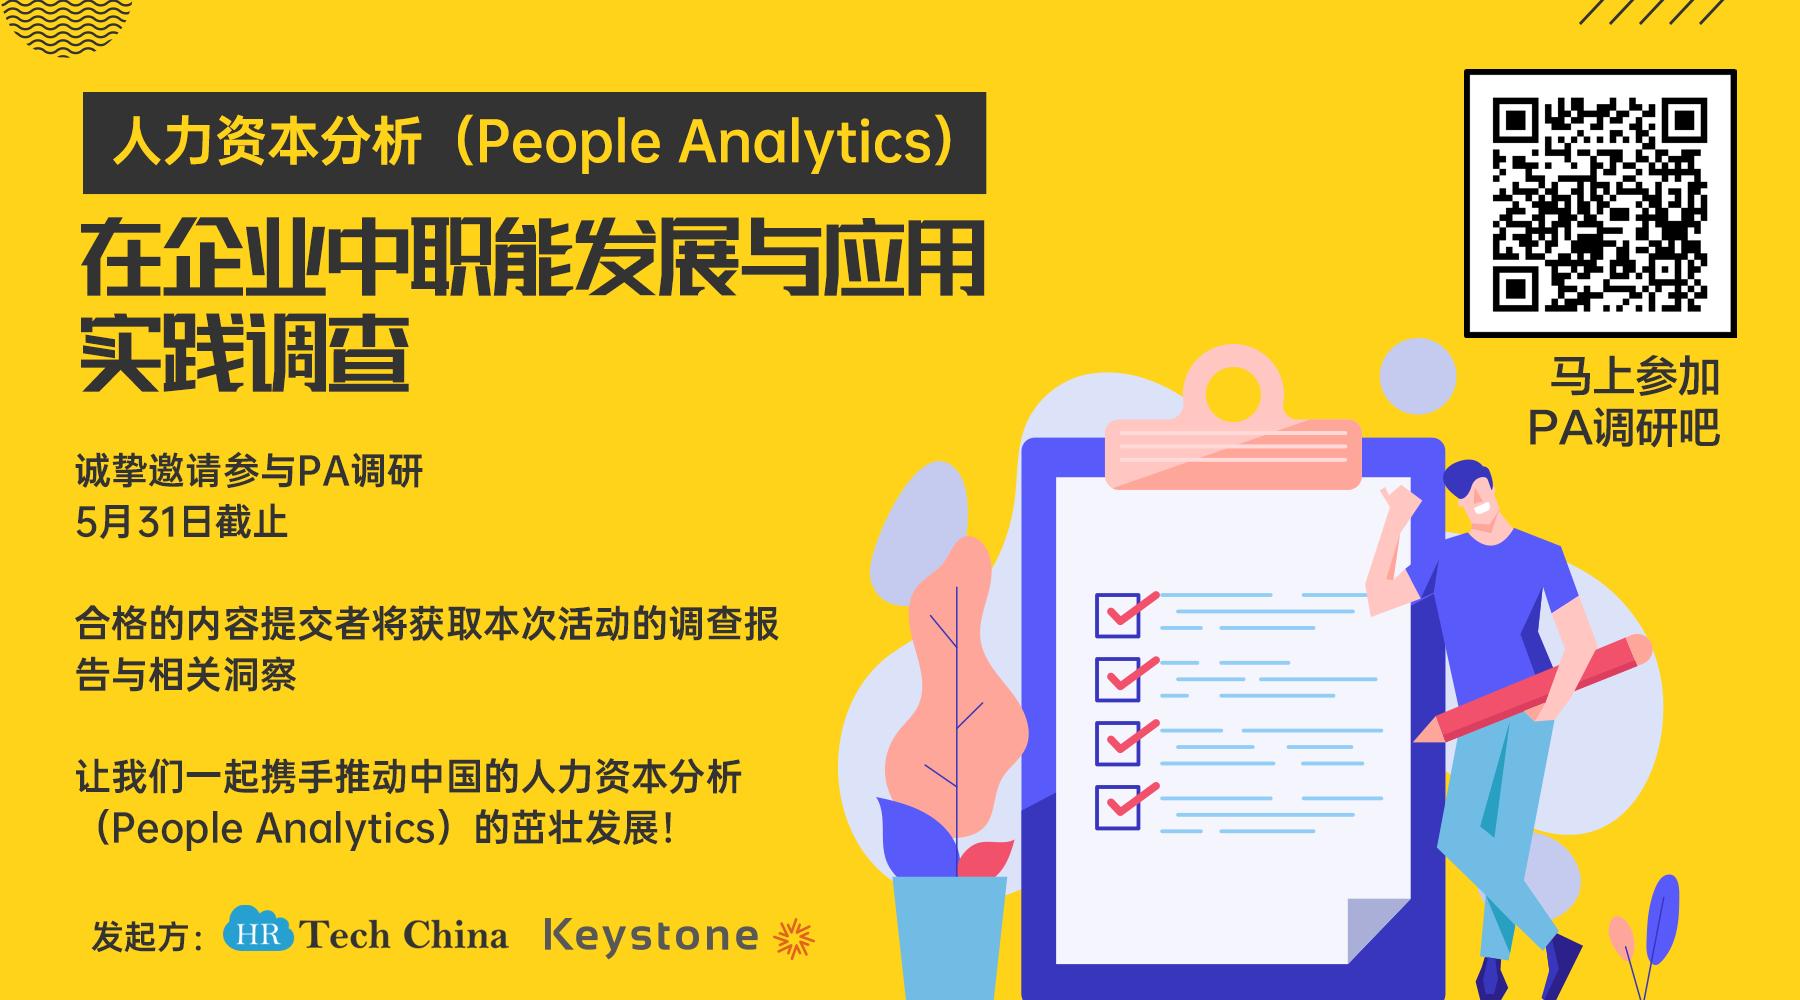 【调研】人力资本分析(People Analytics)在企业中职能发展与应用实践调查